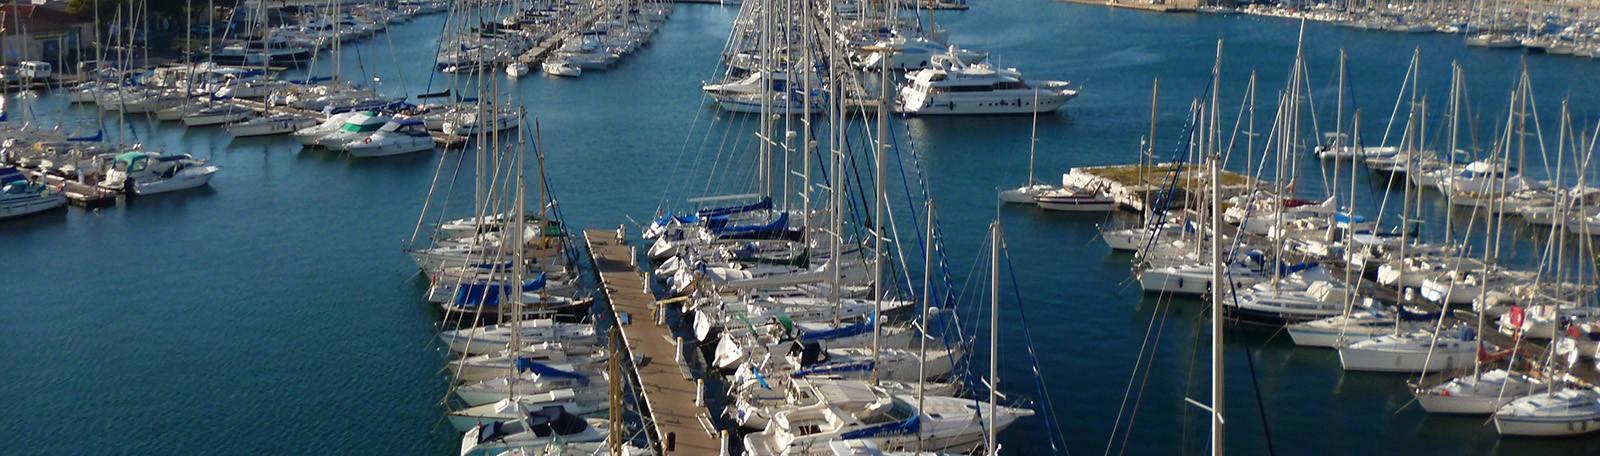 Stationner à Toulon Place d'Armes Le Port